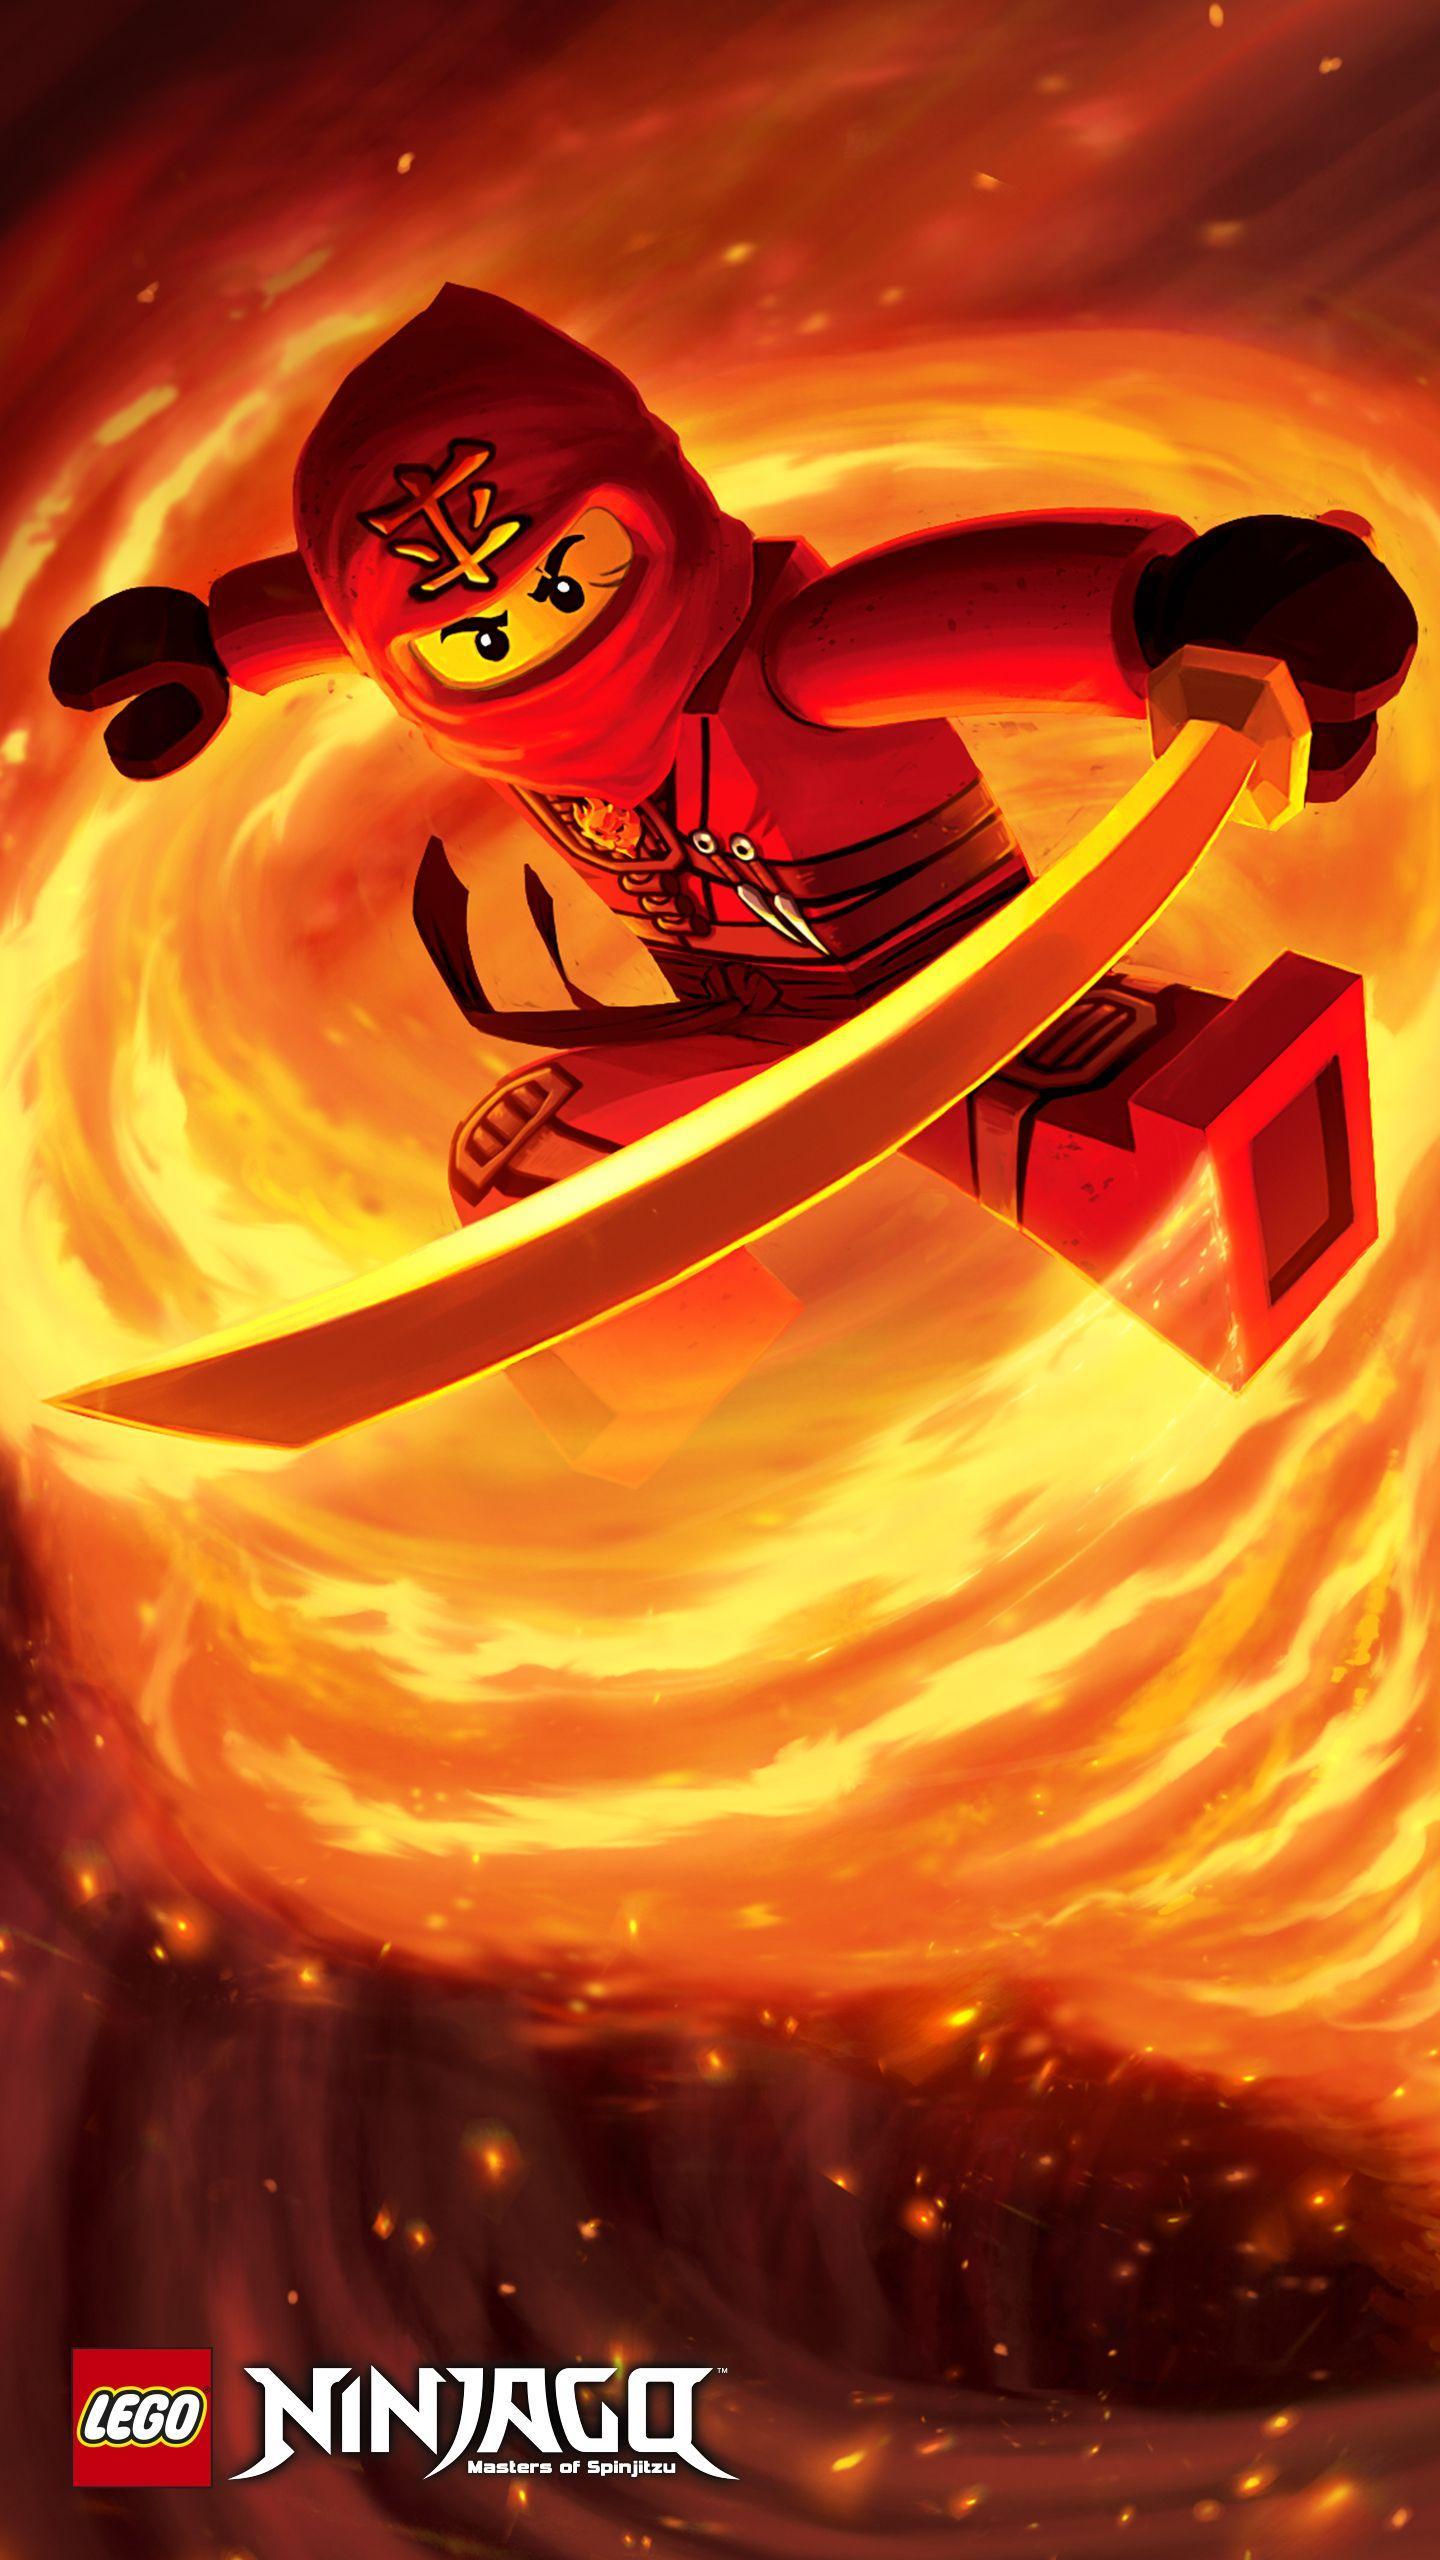 LEGO Ninjago Movie Wallpapers - Wallpaper CaveNinjago Wallpaper 2014